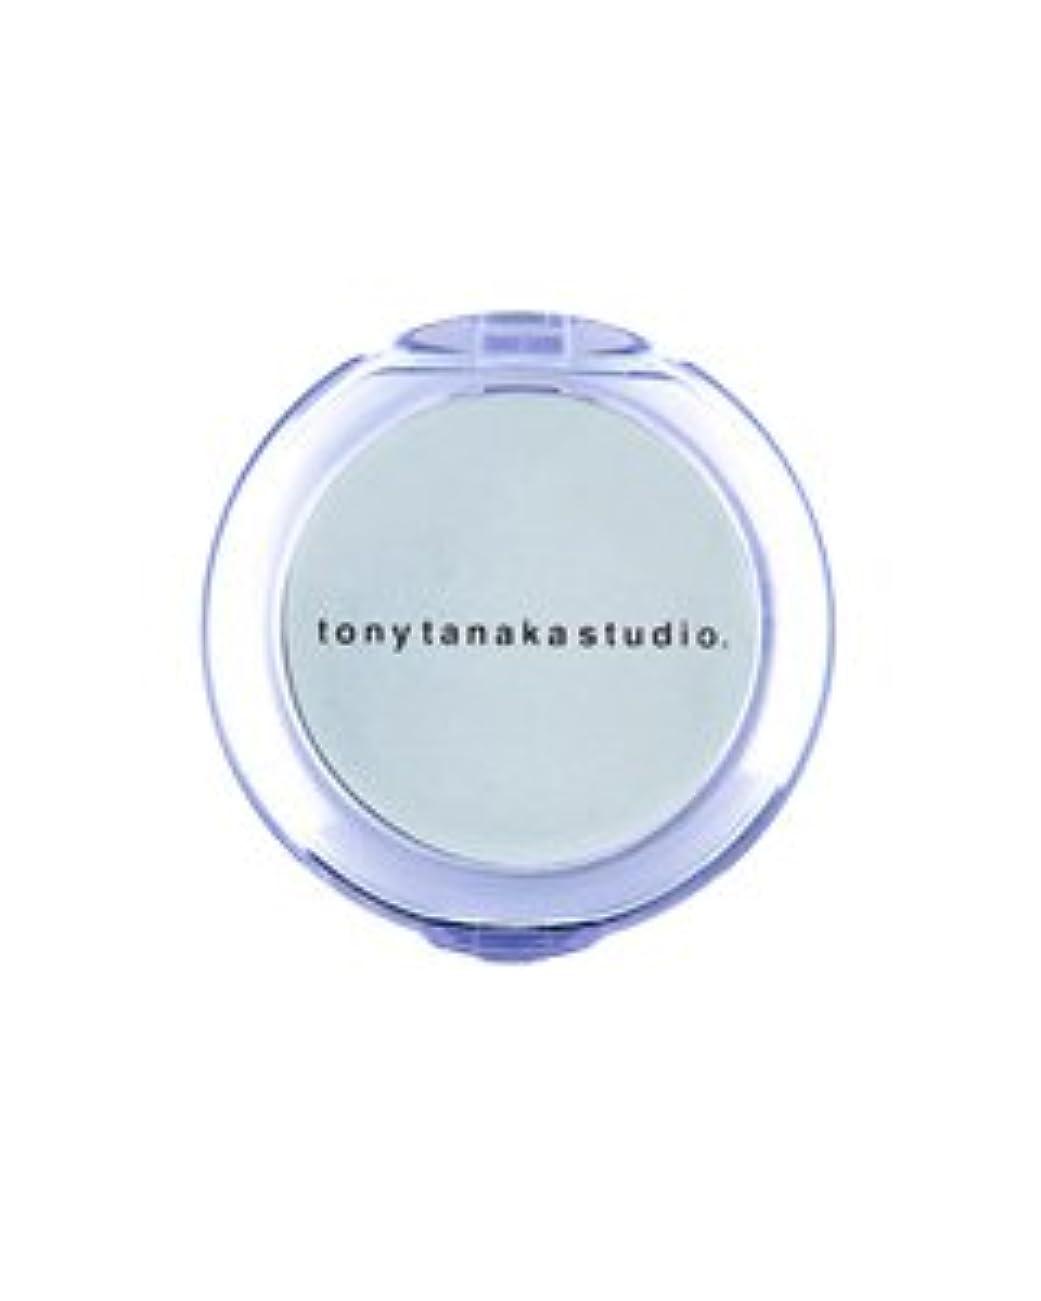 キリスト教本当にやさしくトニーズコレクション クリームアイカラー CE-01 【トニータナカ】